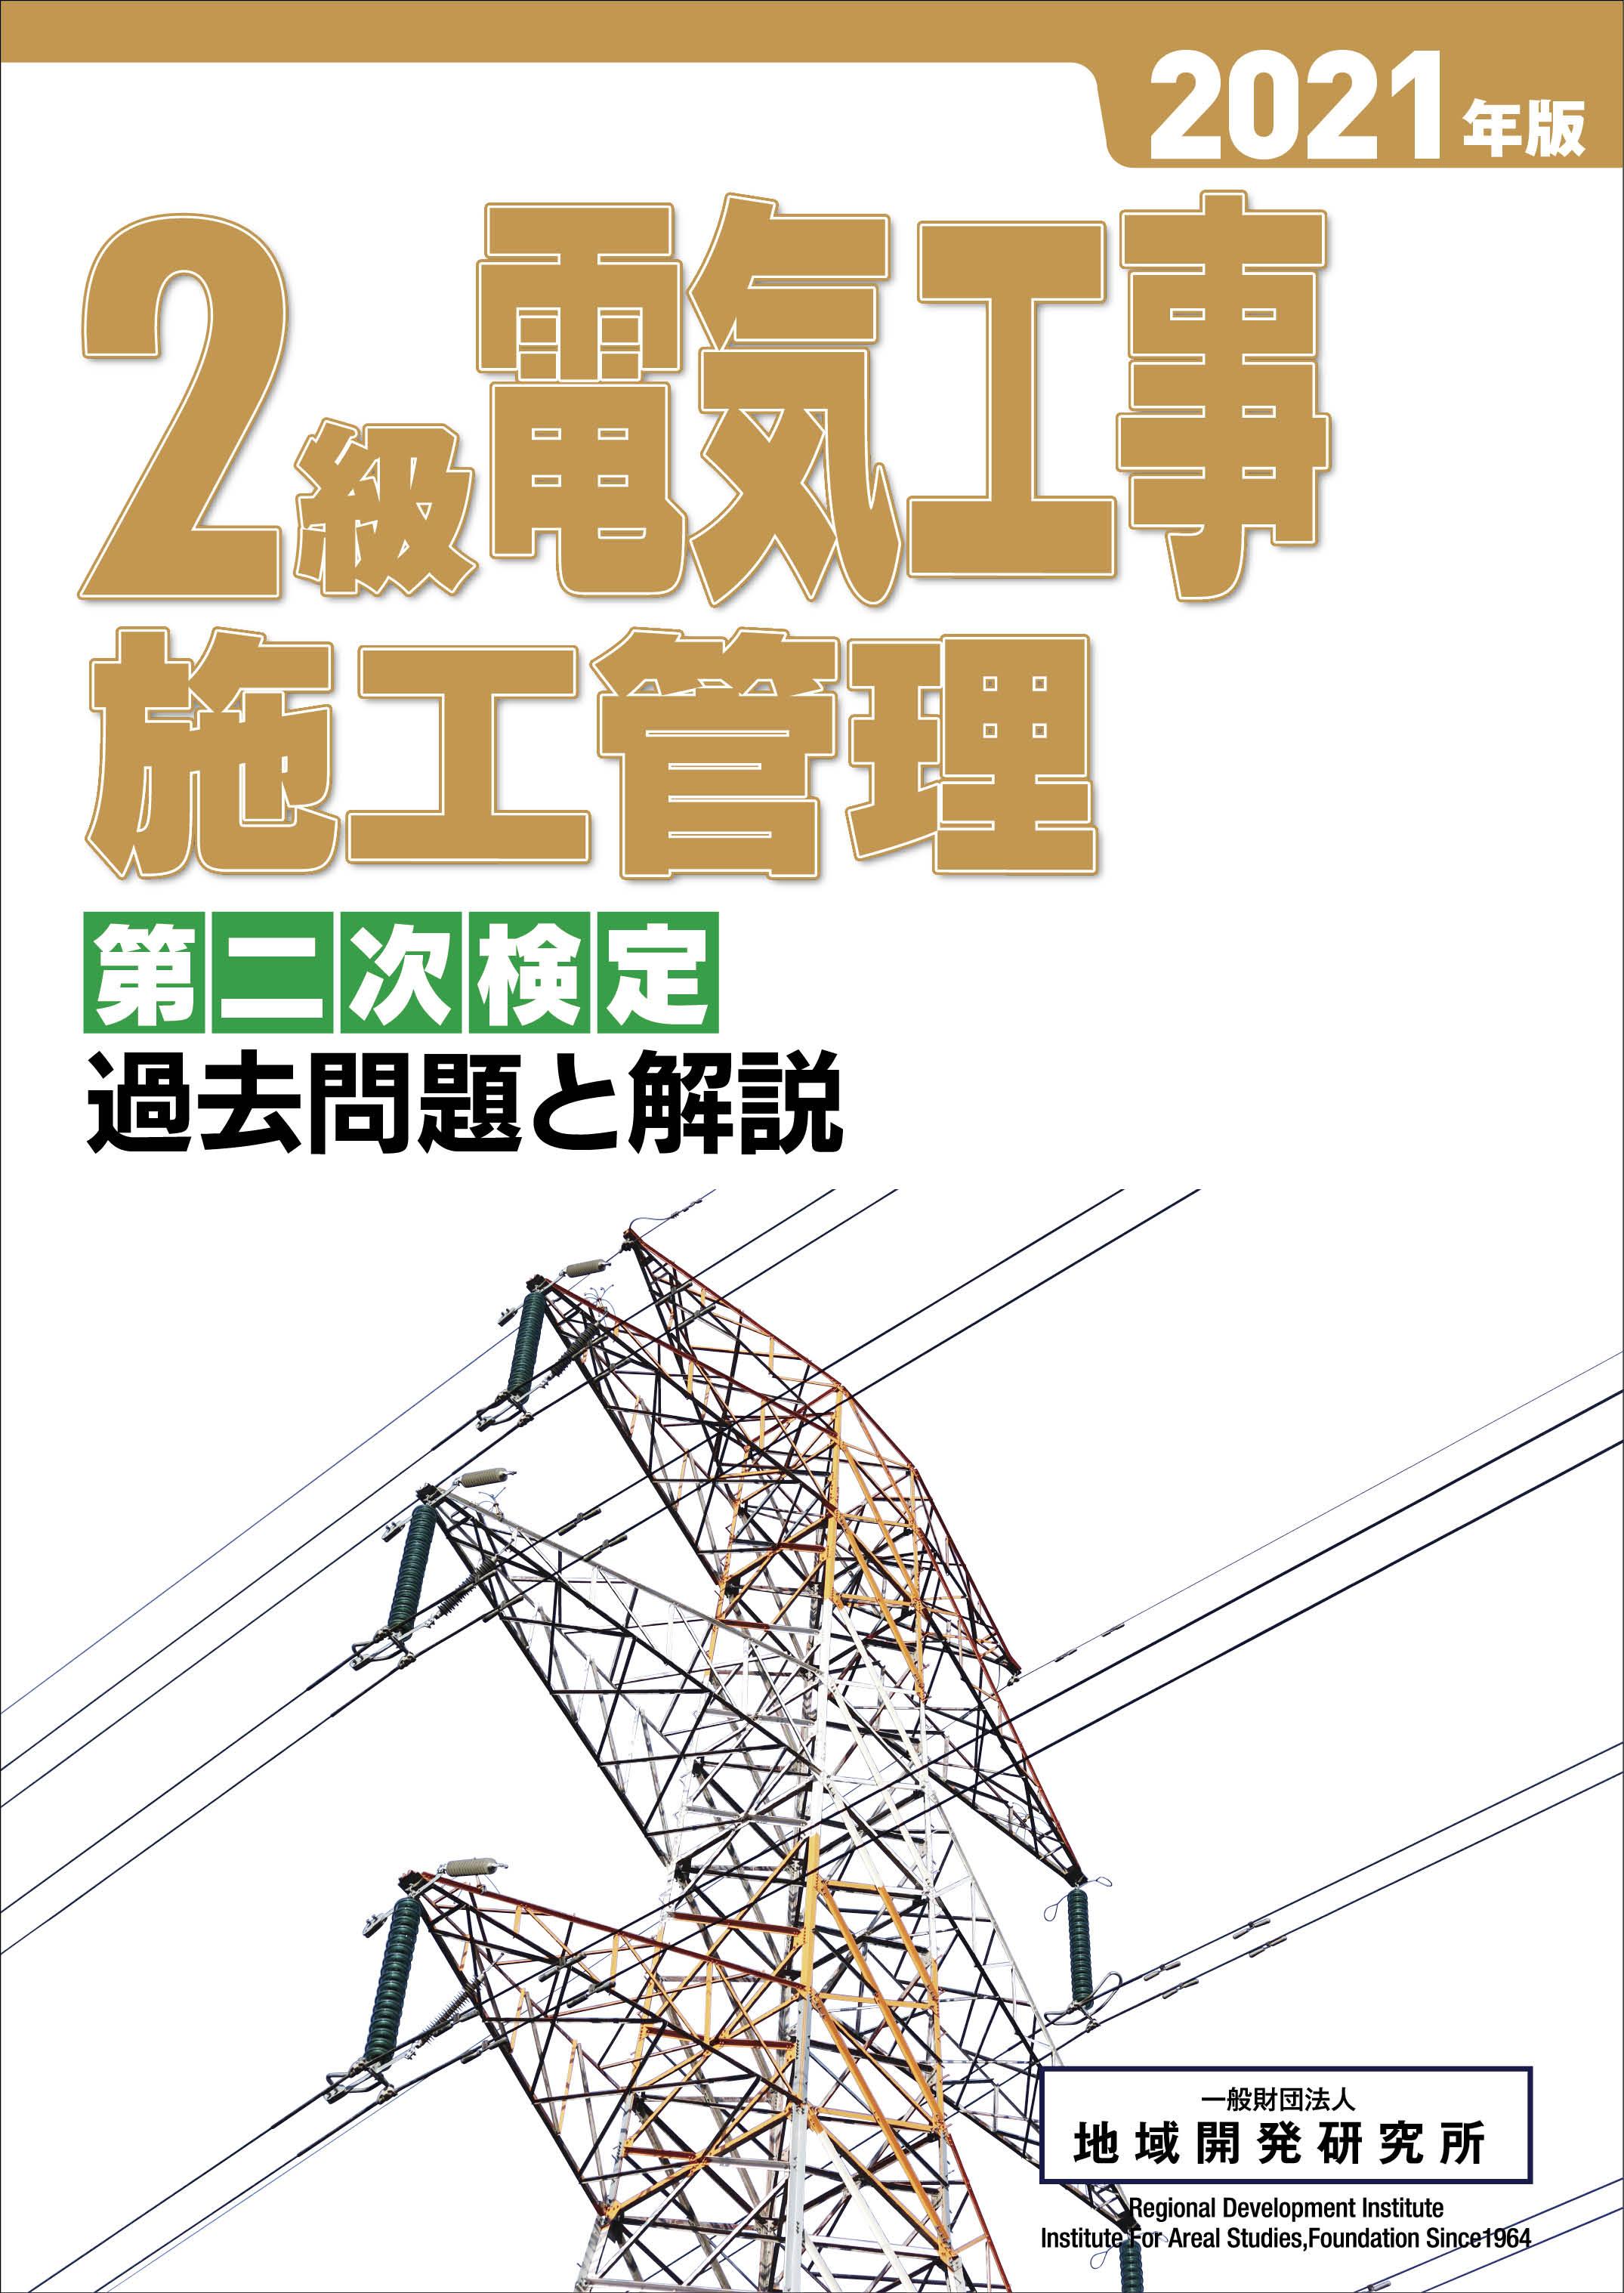 2級電気工事施工管理 第二次検定 過去問題と解説 2021年版